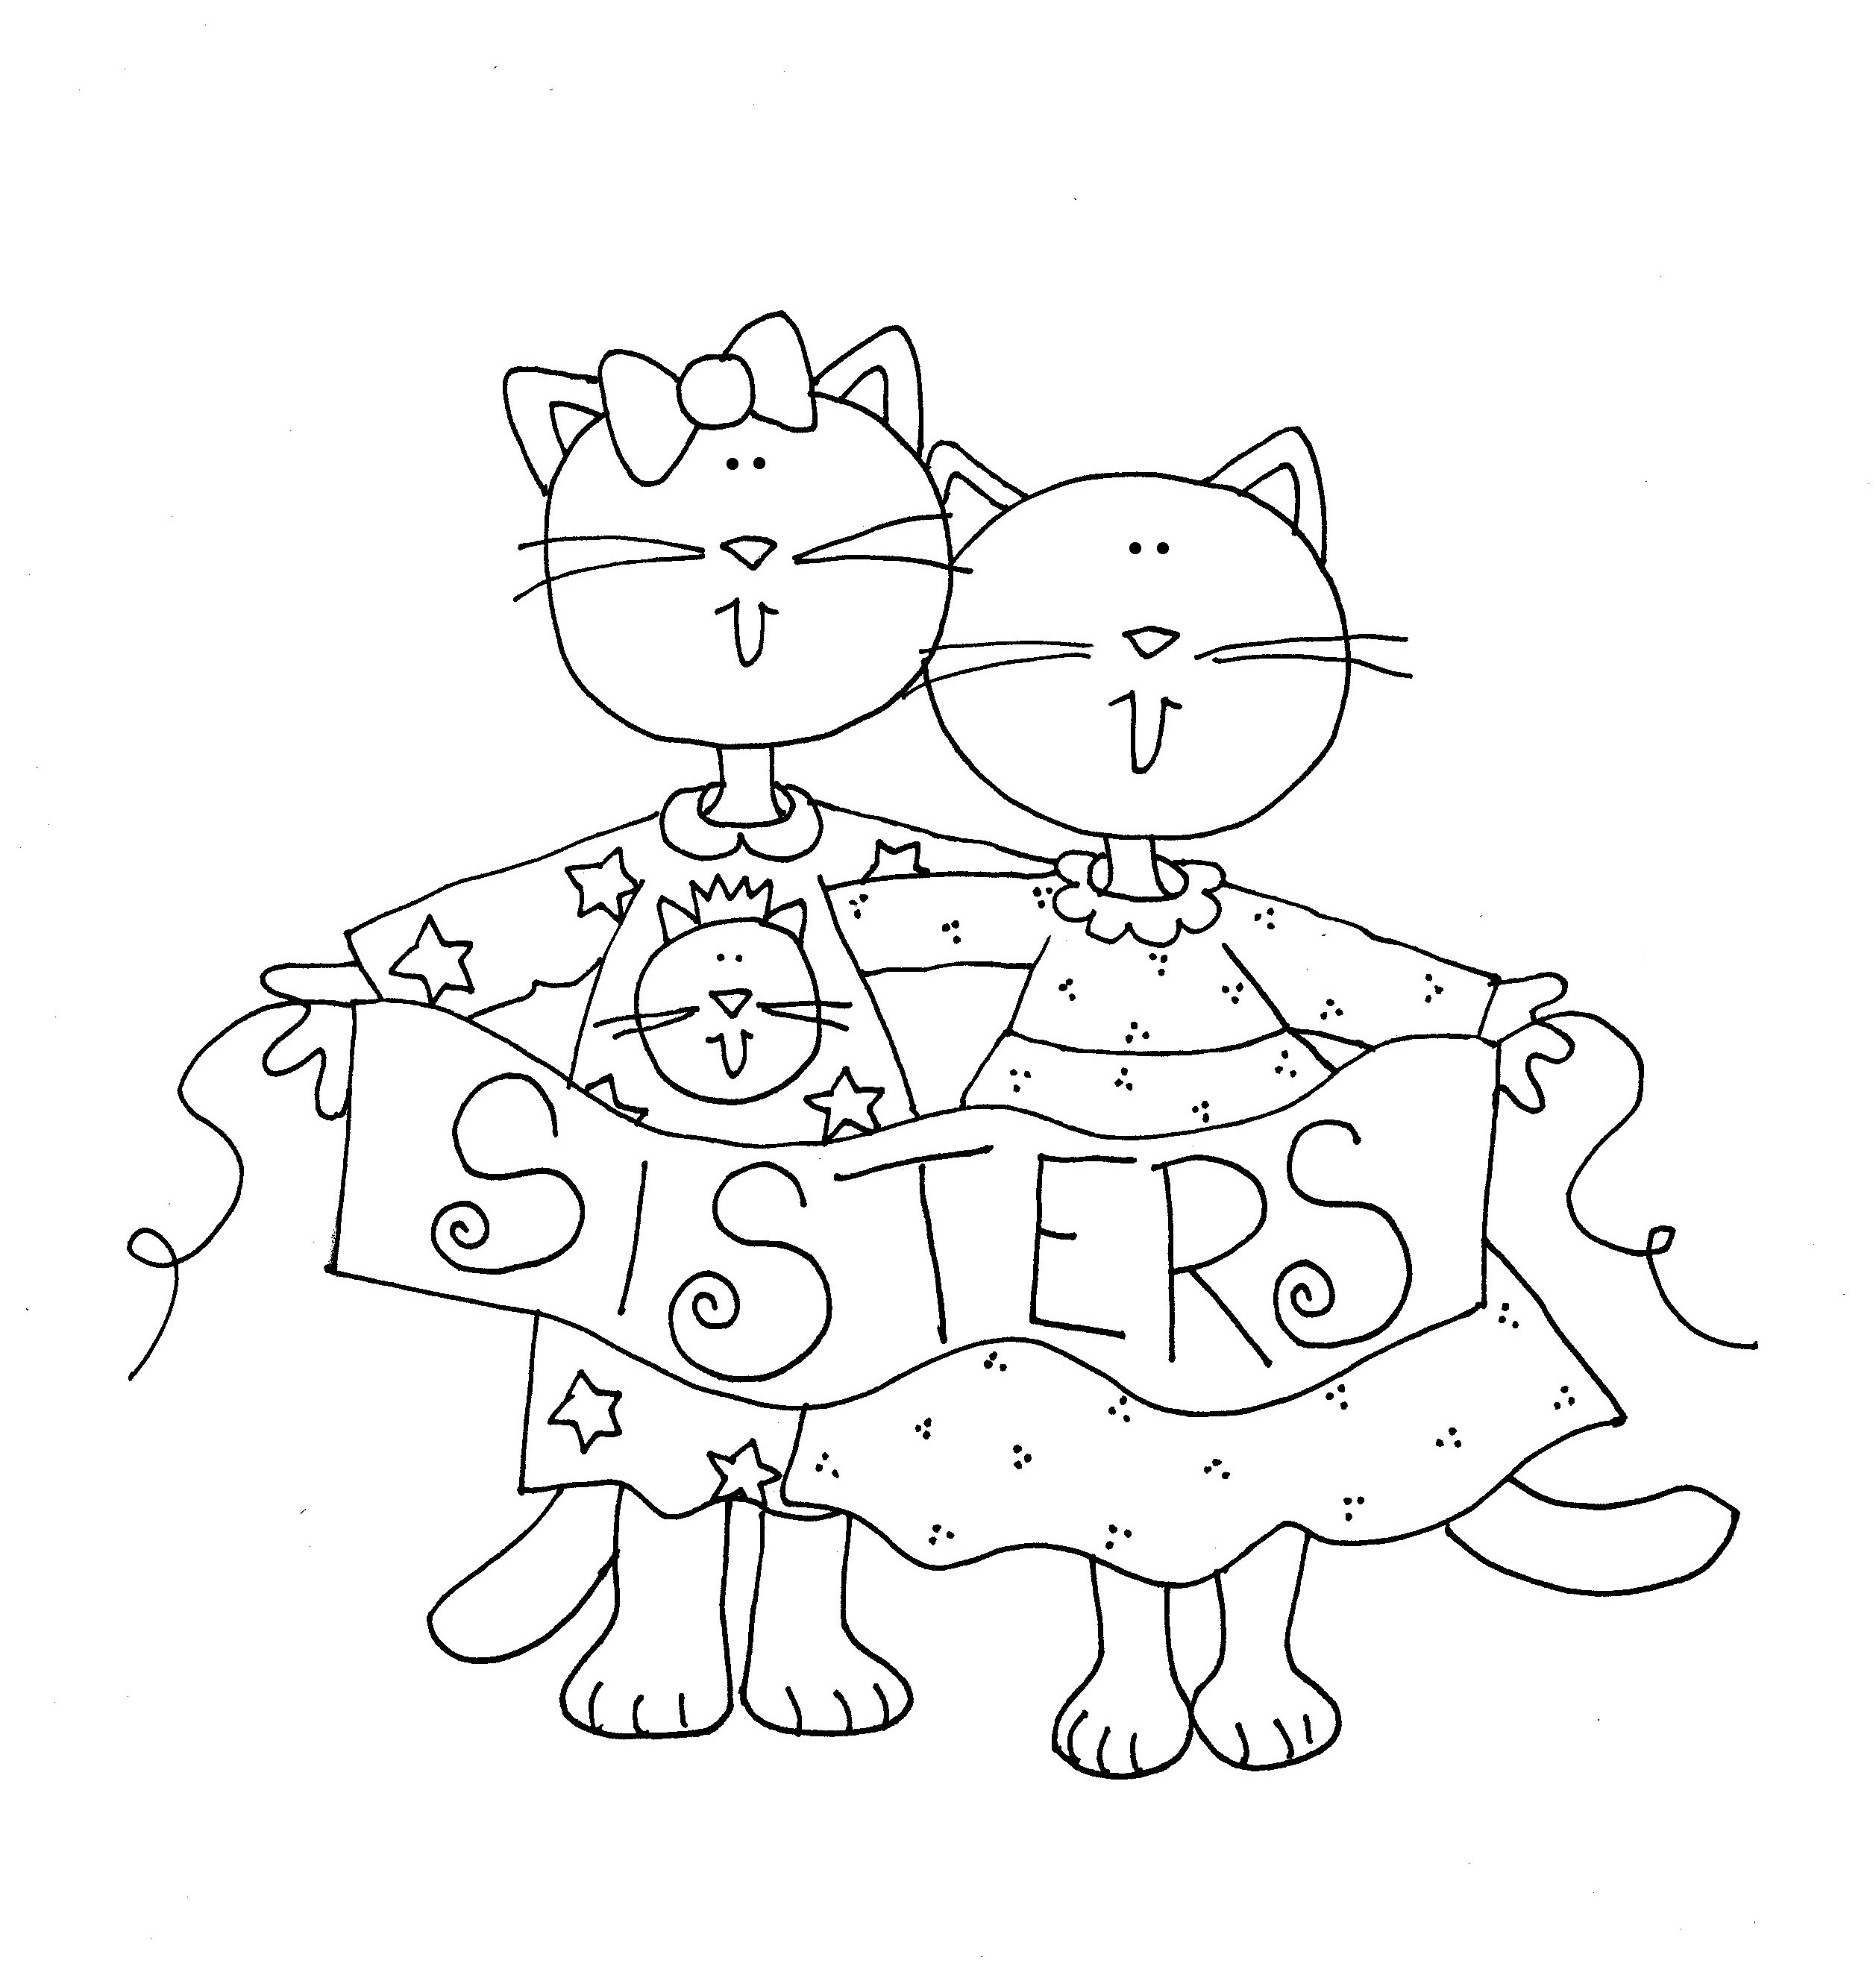 Ausmalbilder Hund Und Katze Das Beste Von Cat Sisters Dearie Dolls Digi Stamps Digi Stamps Neu Ausmalbilder Das Bild